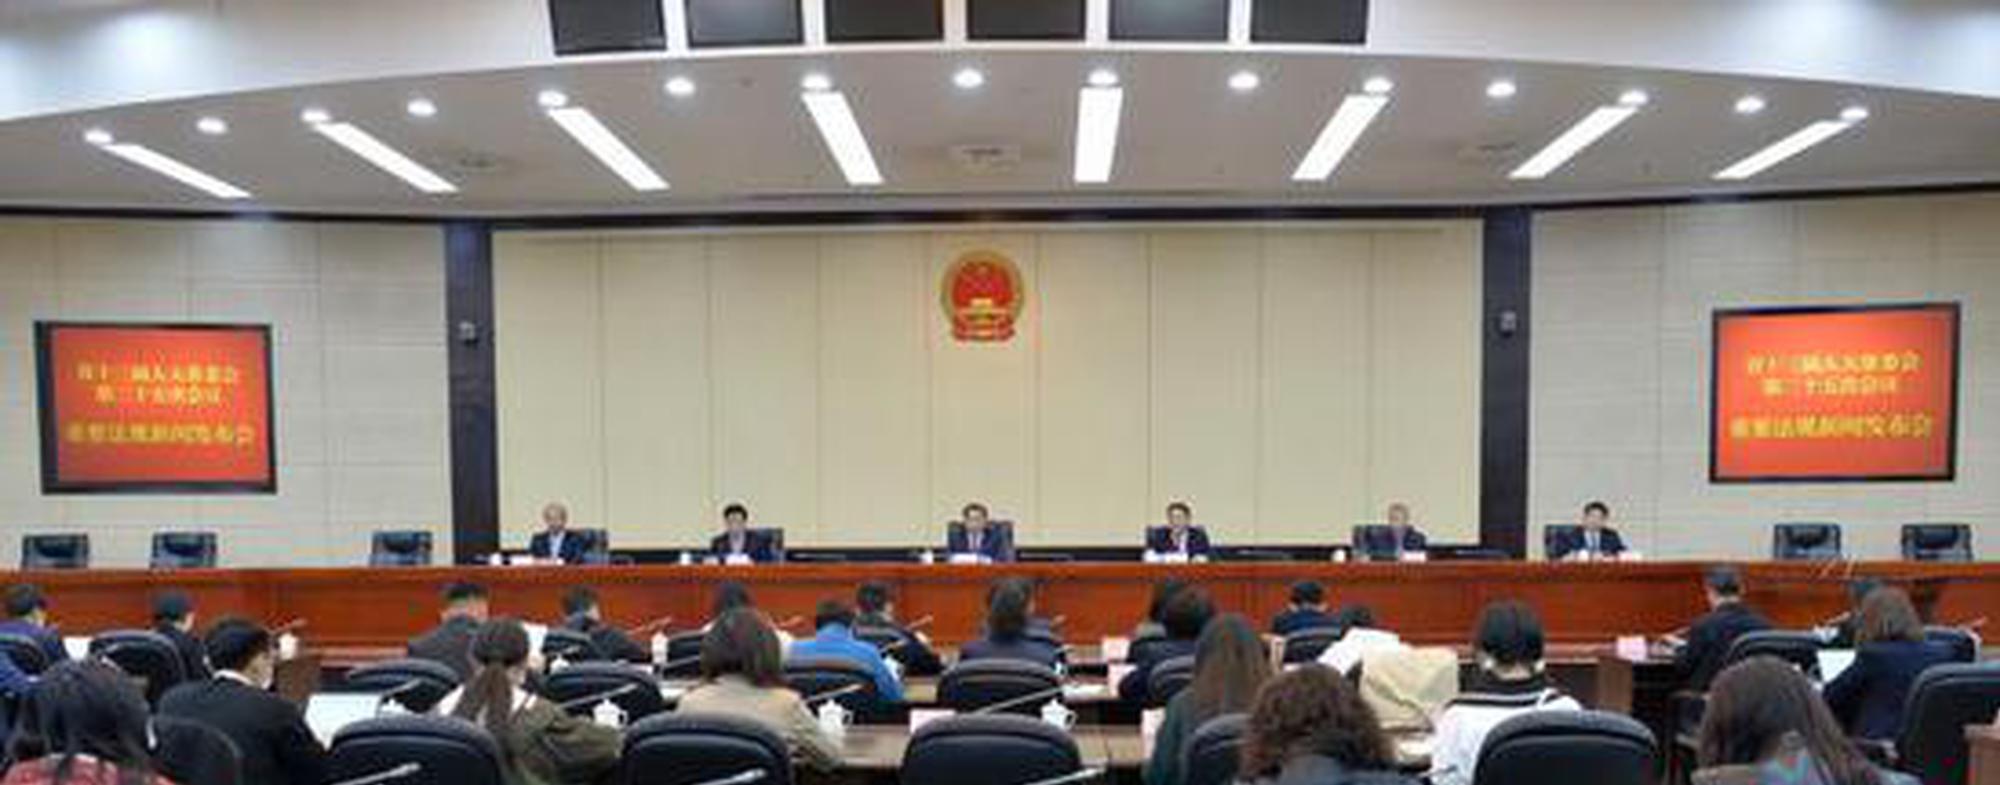 山西出台中国首部行政审批制度改革省级地方性法规